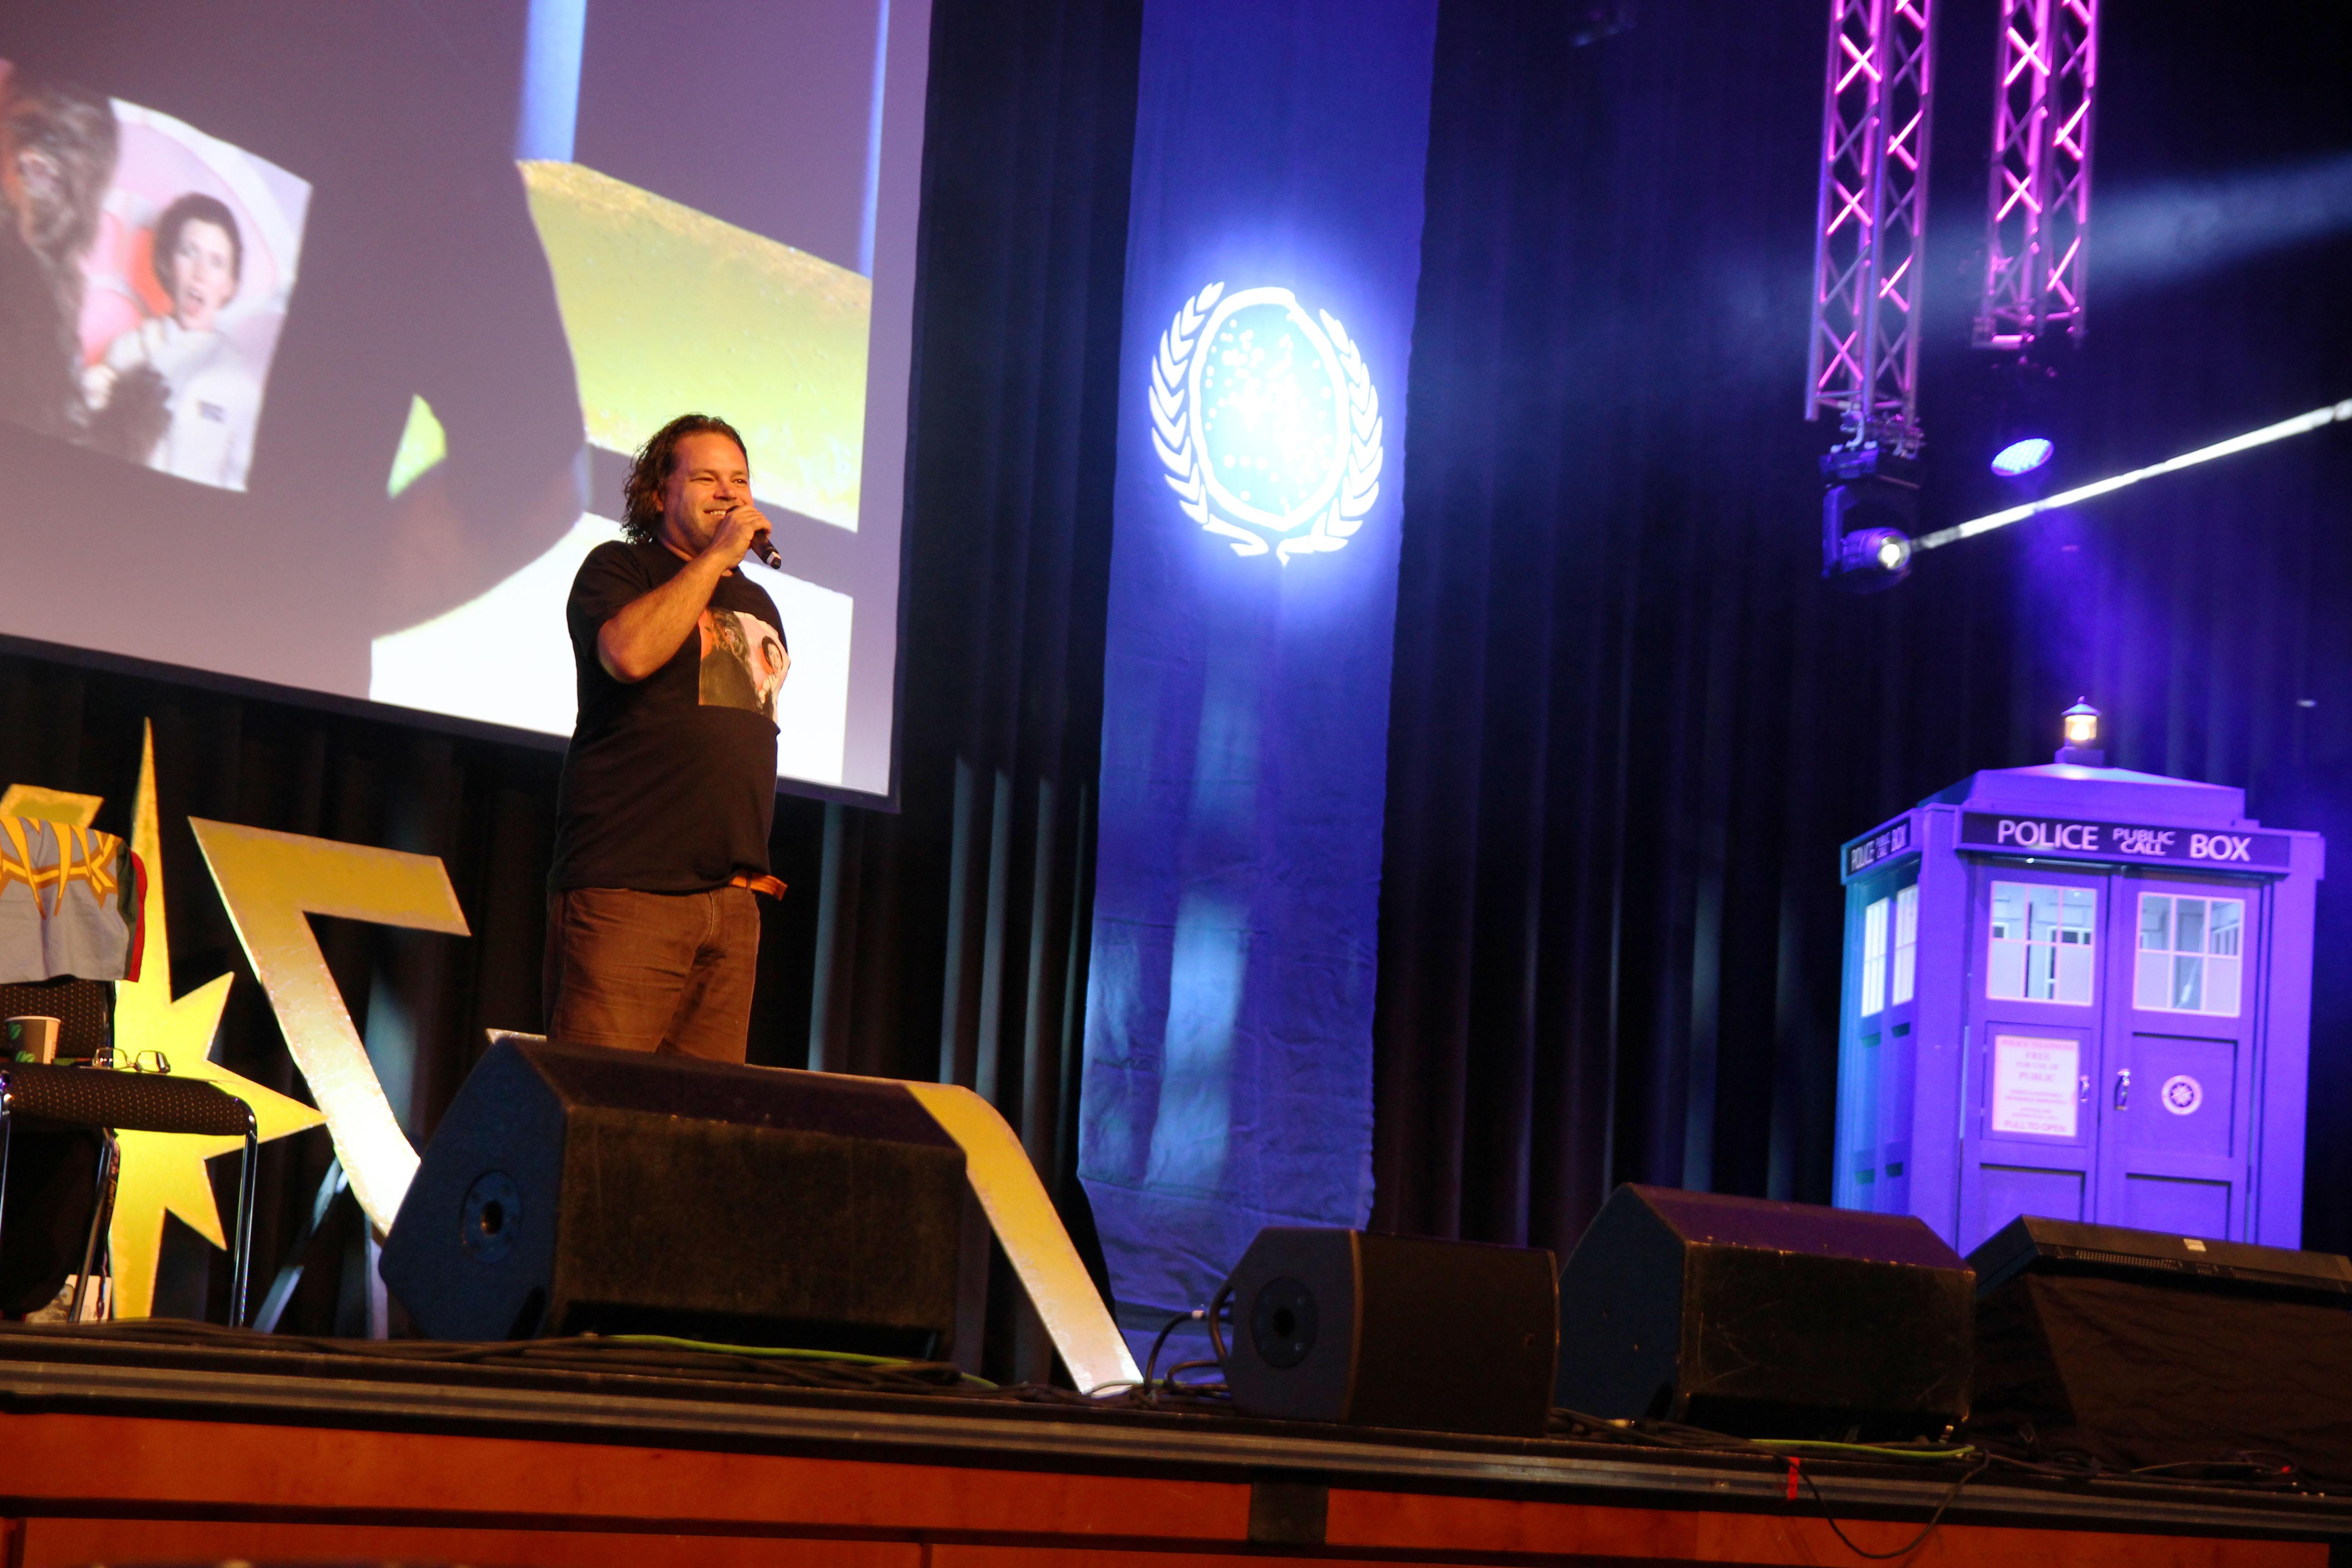 Star Gäste wie Aaron Douglas (Battlestar Galactica) stehen auf der Bühne Rede und Antwort (Foto: xity)